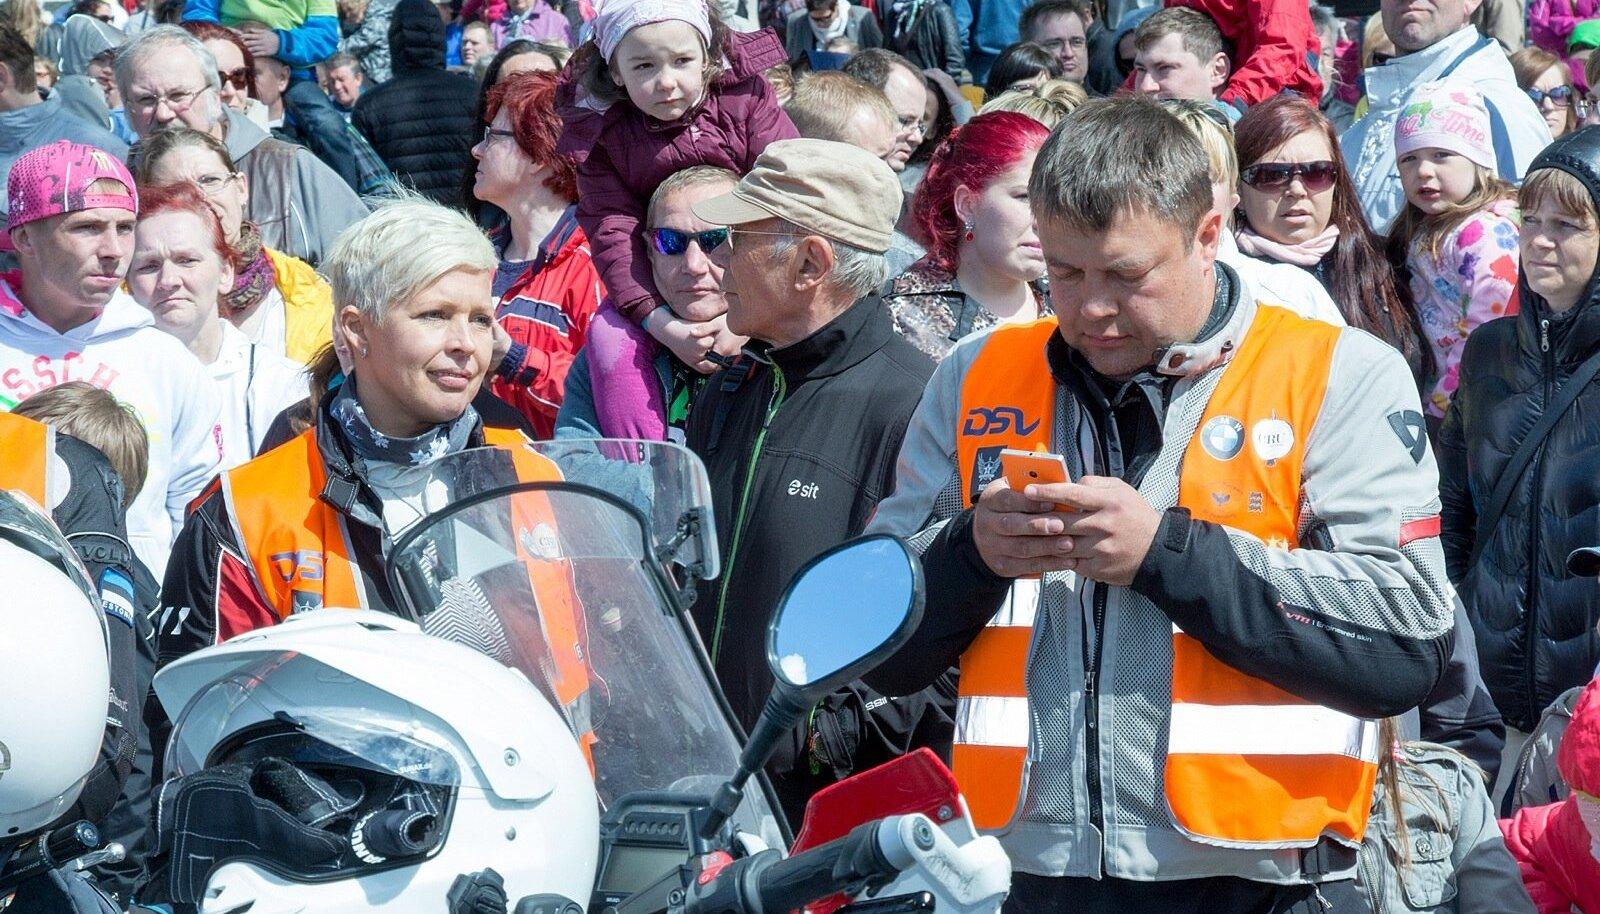 Täna kogunesid Kuressaares ühiseks rongkäiguks Saaremaa lasteaedade lõpetajad. Ühises rongkäigus koos vanemate ja kasvatajatega liiguti lossi hoovi, kus toimus kontsert ja peeti maha laste pidu Pipi juhendamisel. Peale tunniajalist kontserti saabus külla Kultuurne Motobande, kes tervitas oma kontserdiga väikesi ja suuri kuulajaid. Kõige lõpuks said kõik soovijad autogramme kingituseks saadud helkurvestidele. Kultuurne Motobande andis ka üle 4500 eurose annetuse Kuningas Arthuri fondilt Väinemere uisu grootpurje valmistamiseks.